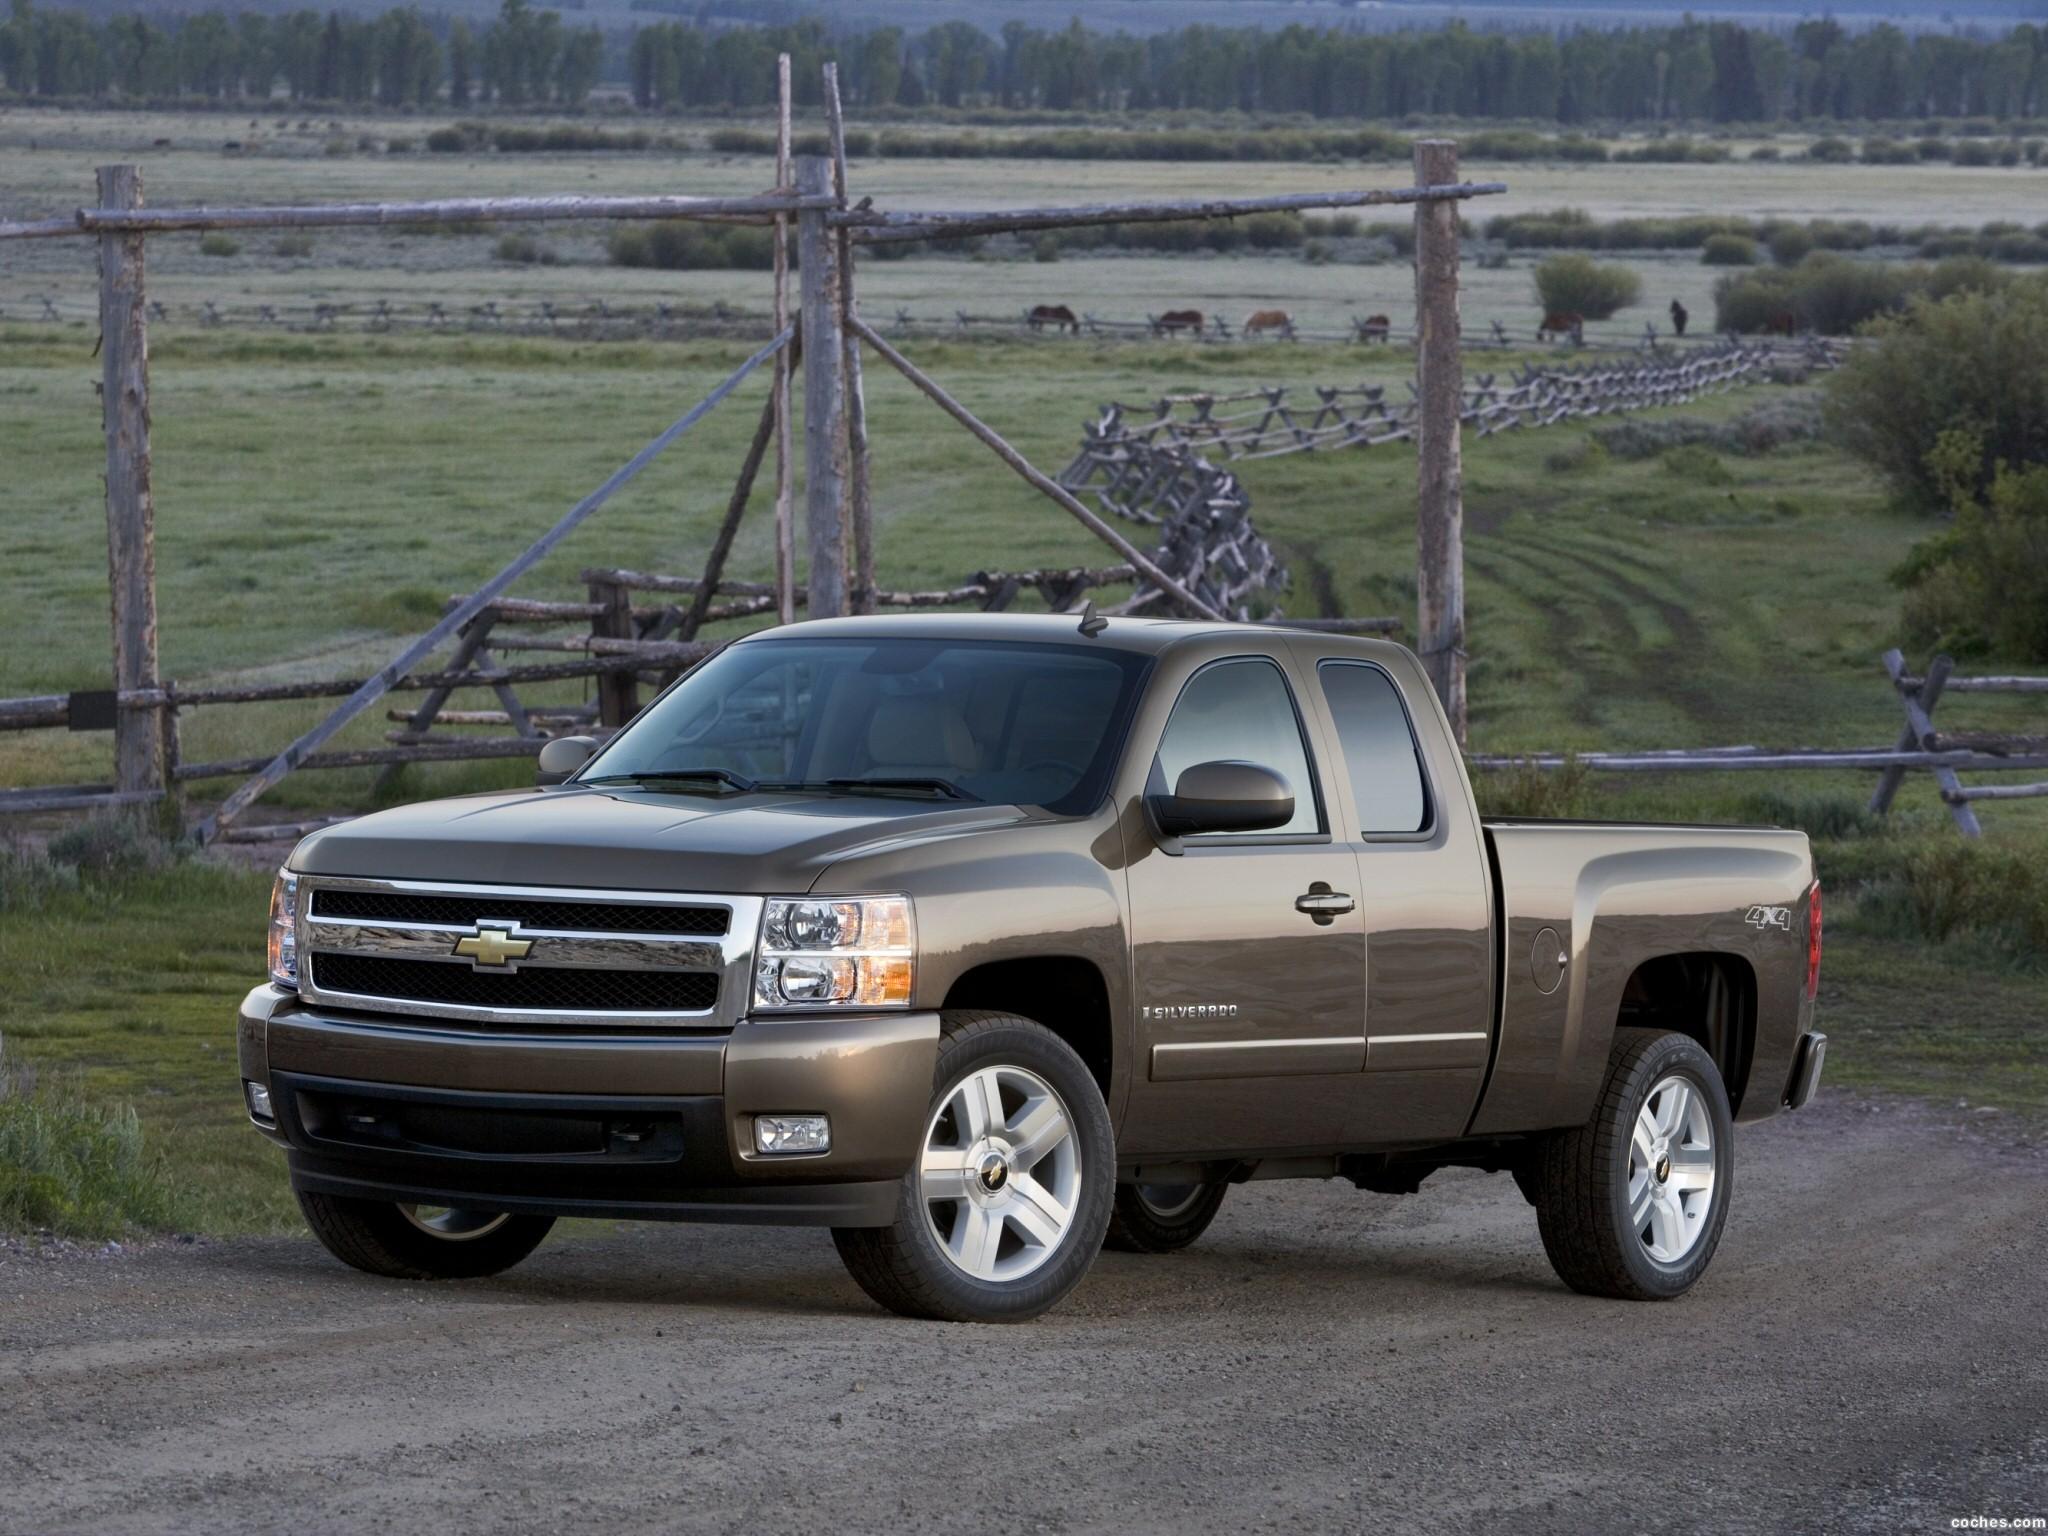 Foto 0 de Chevrolet Silverado Extended Cab 2007